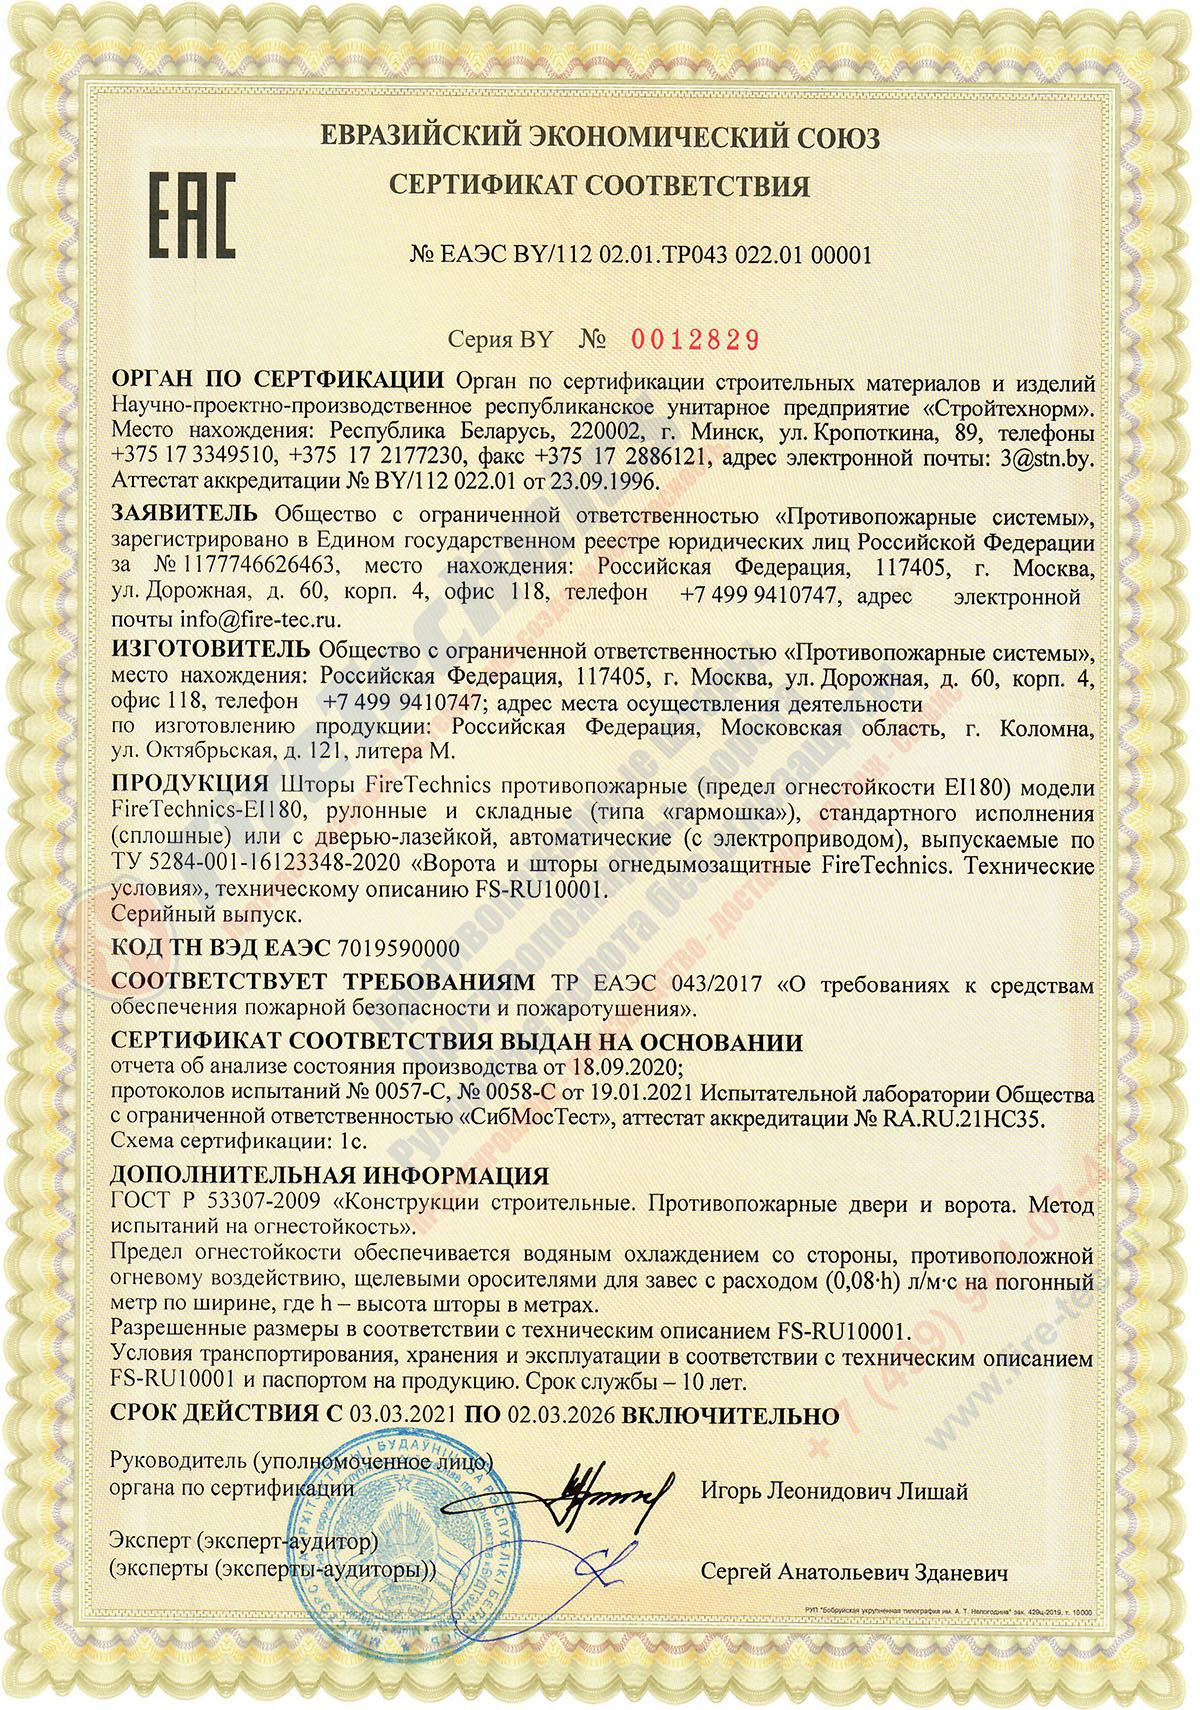 Сертификат соответствия на Шторы FireTechnics модели FireTechnics-EI180 противопожарные в Казахстане